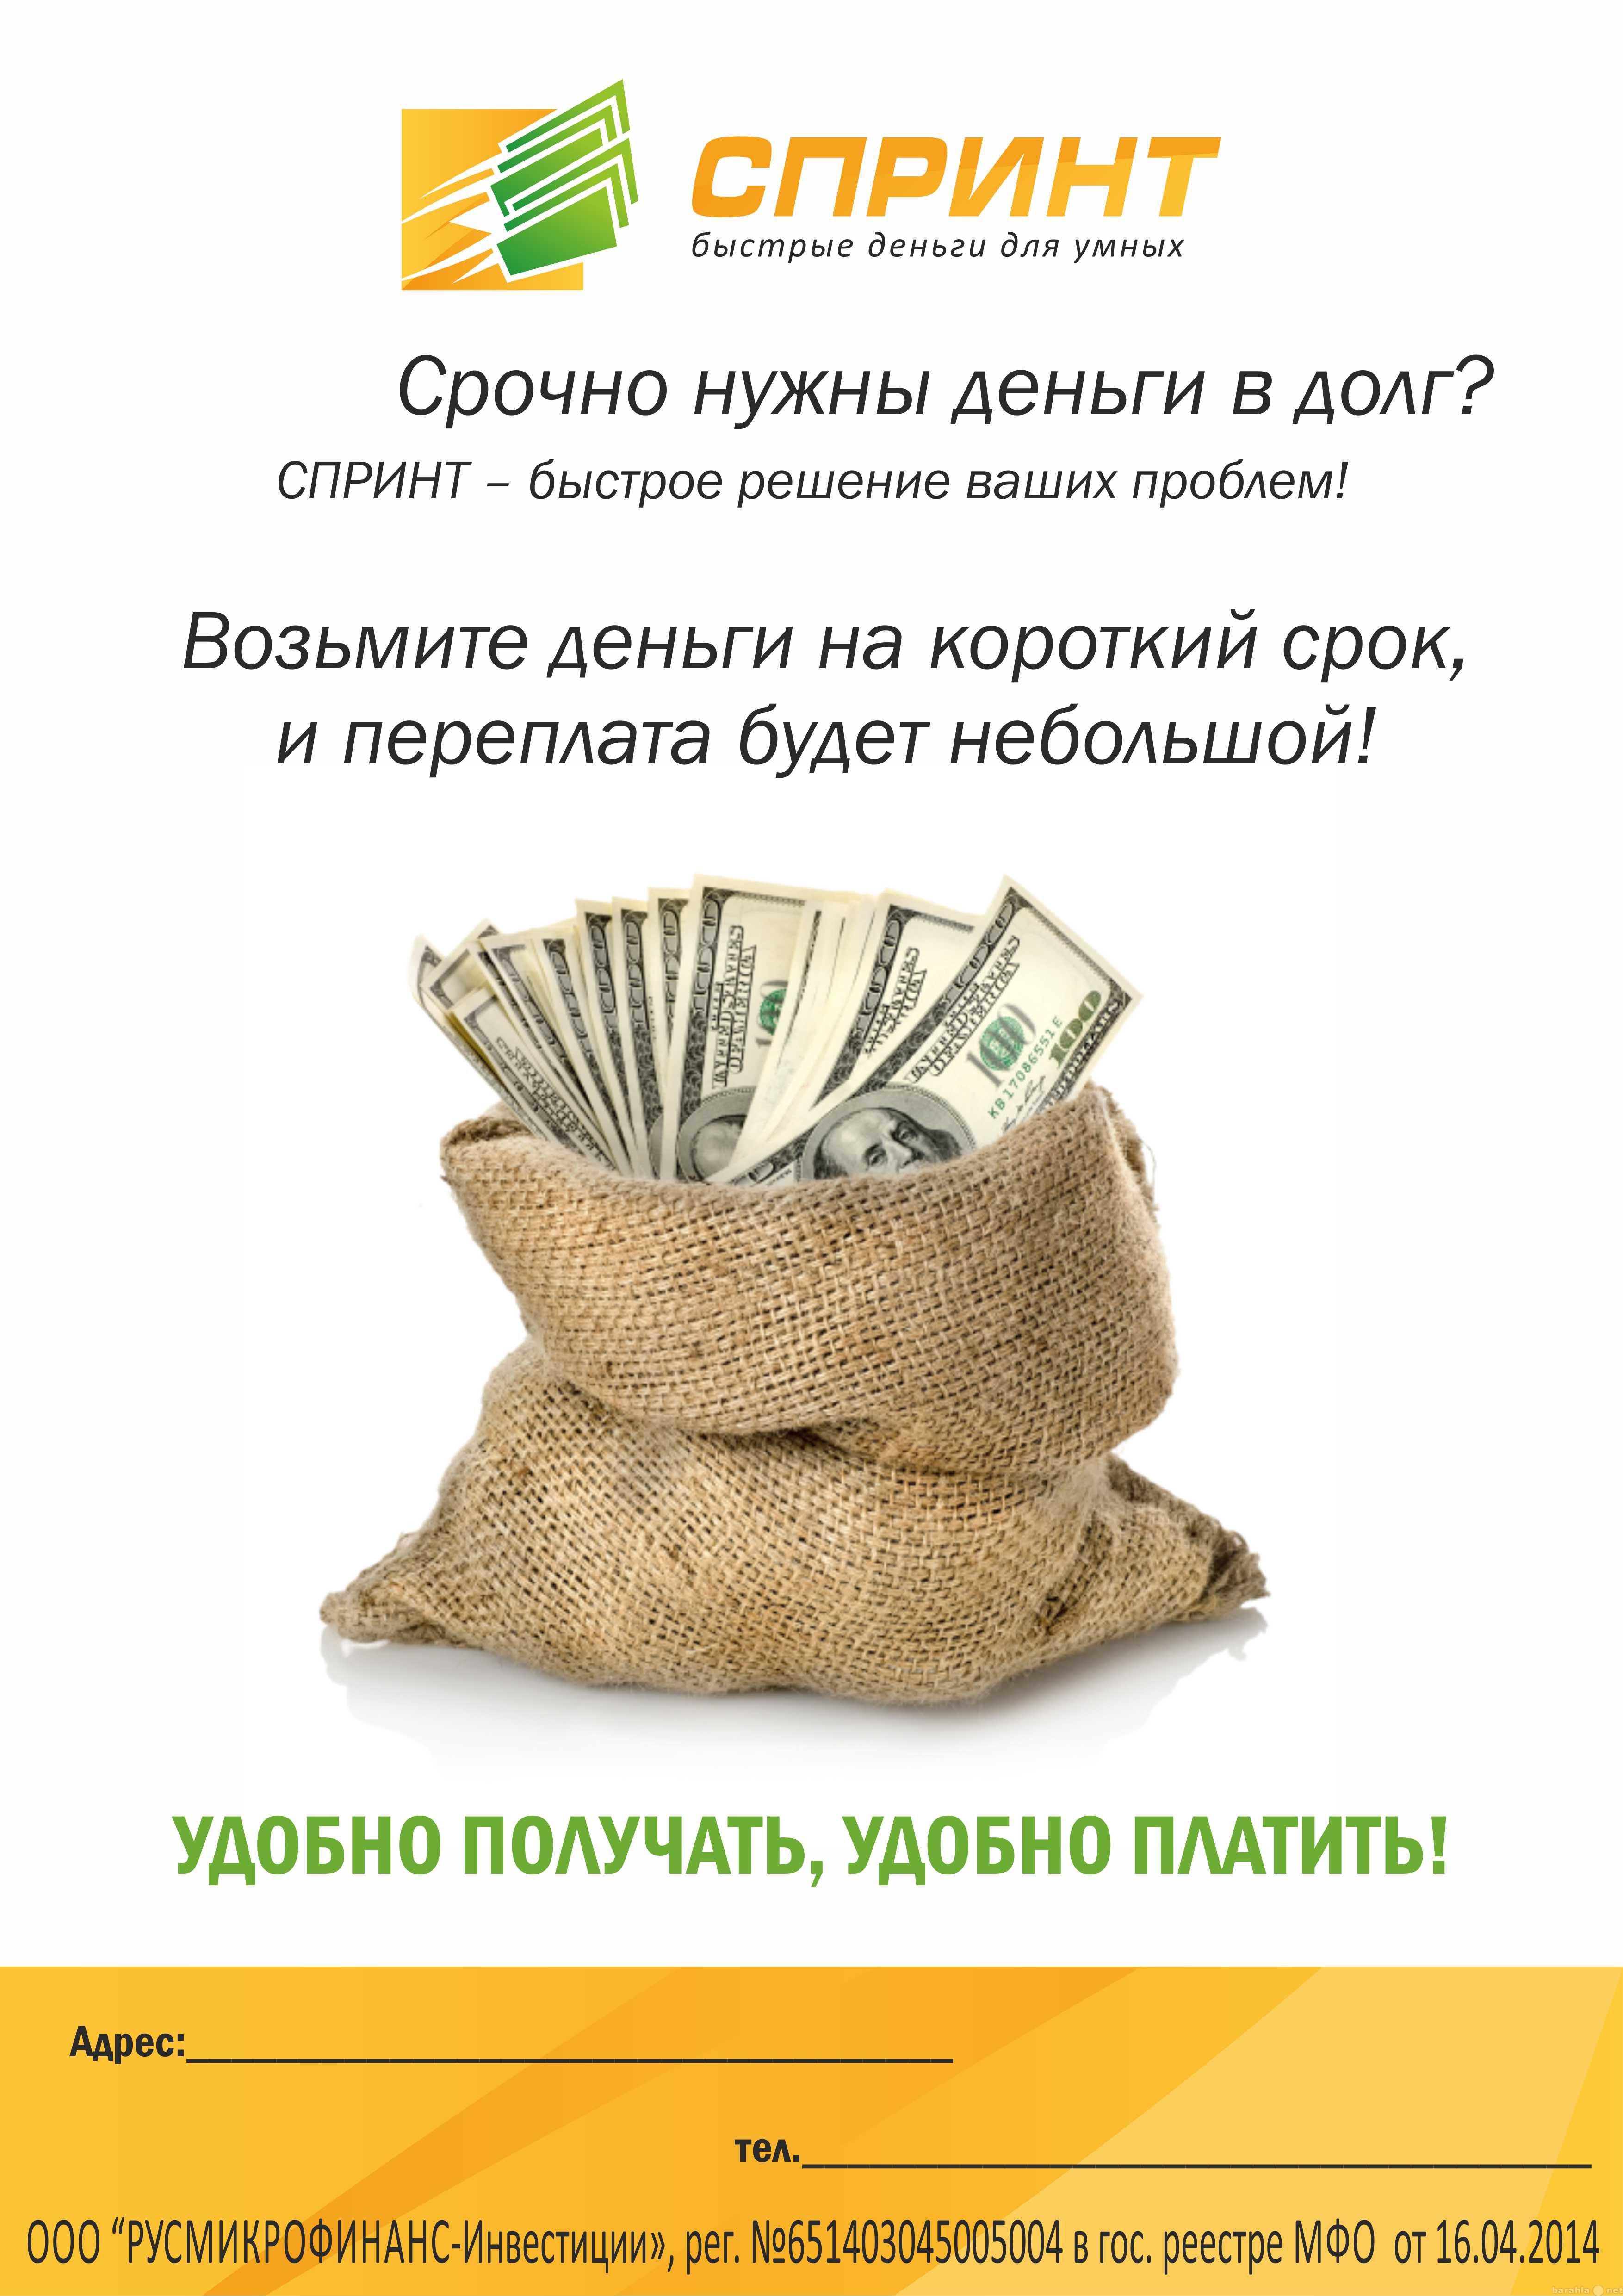 мишка деньги займ отзывы срочно